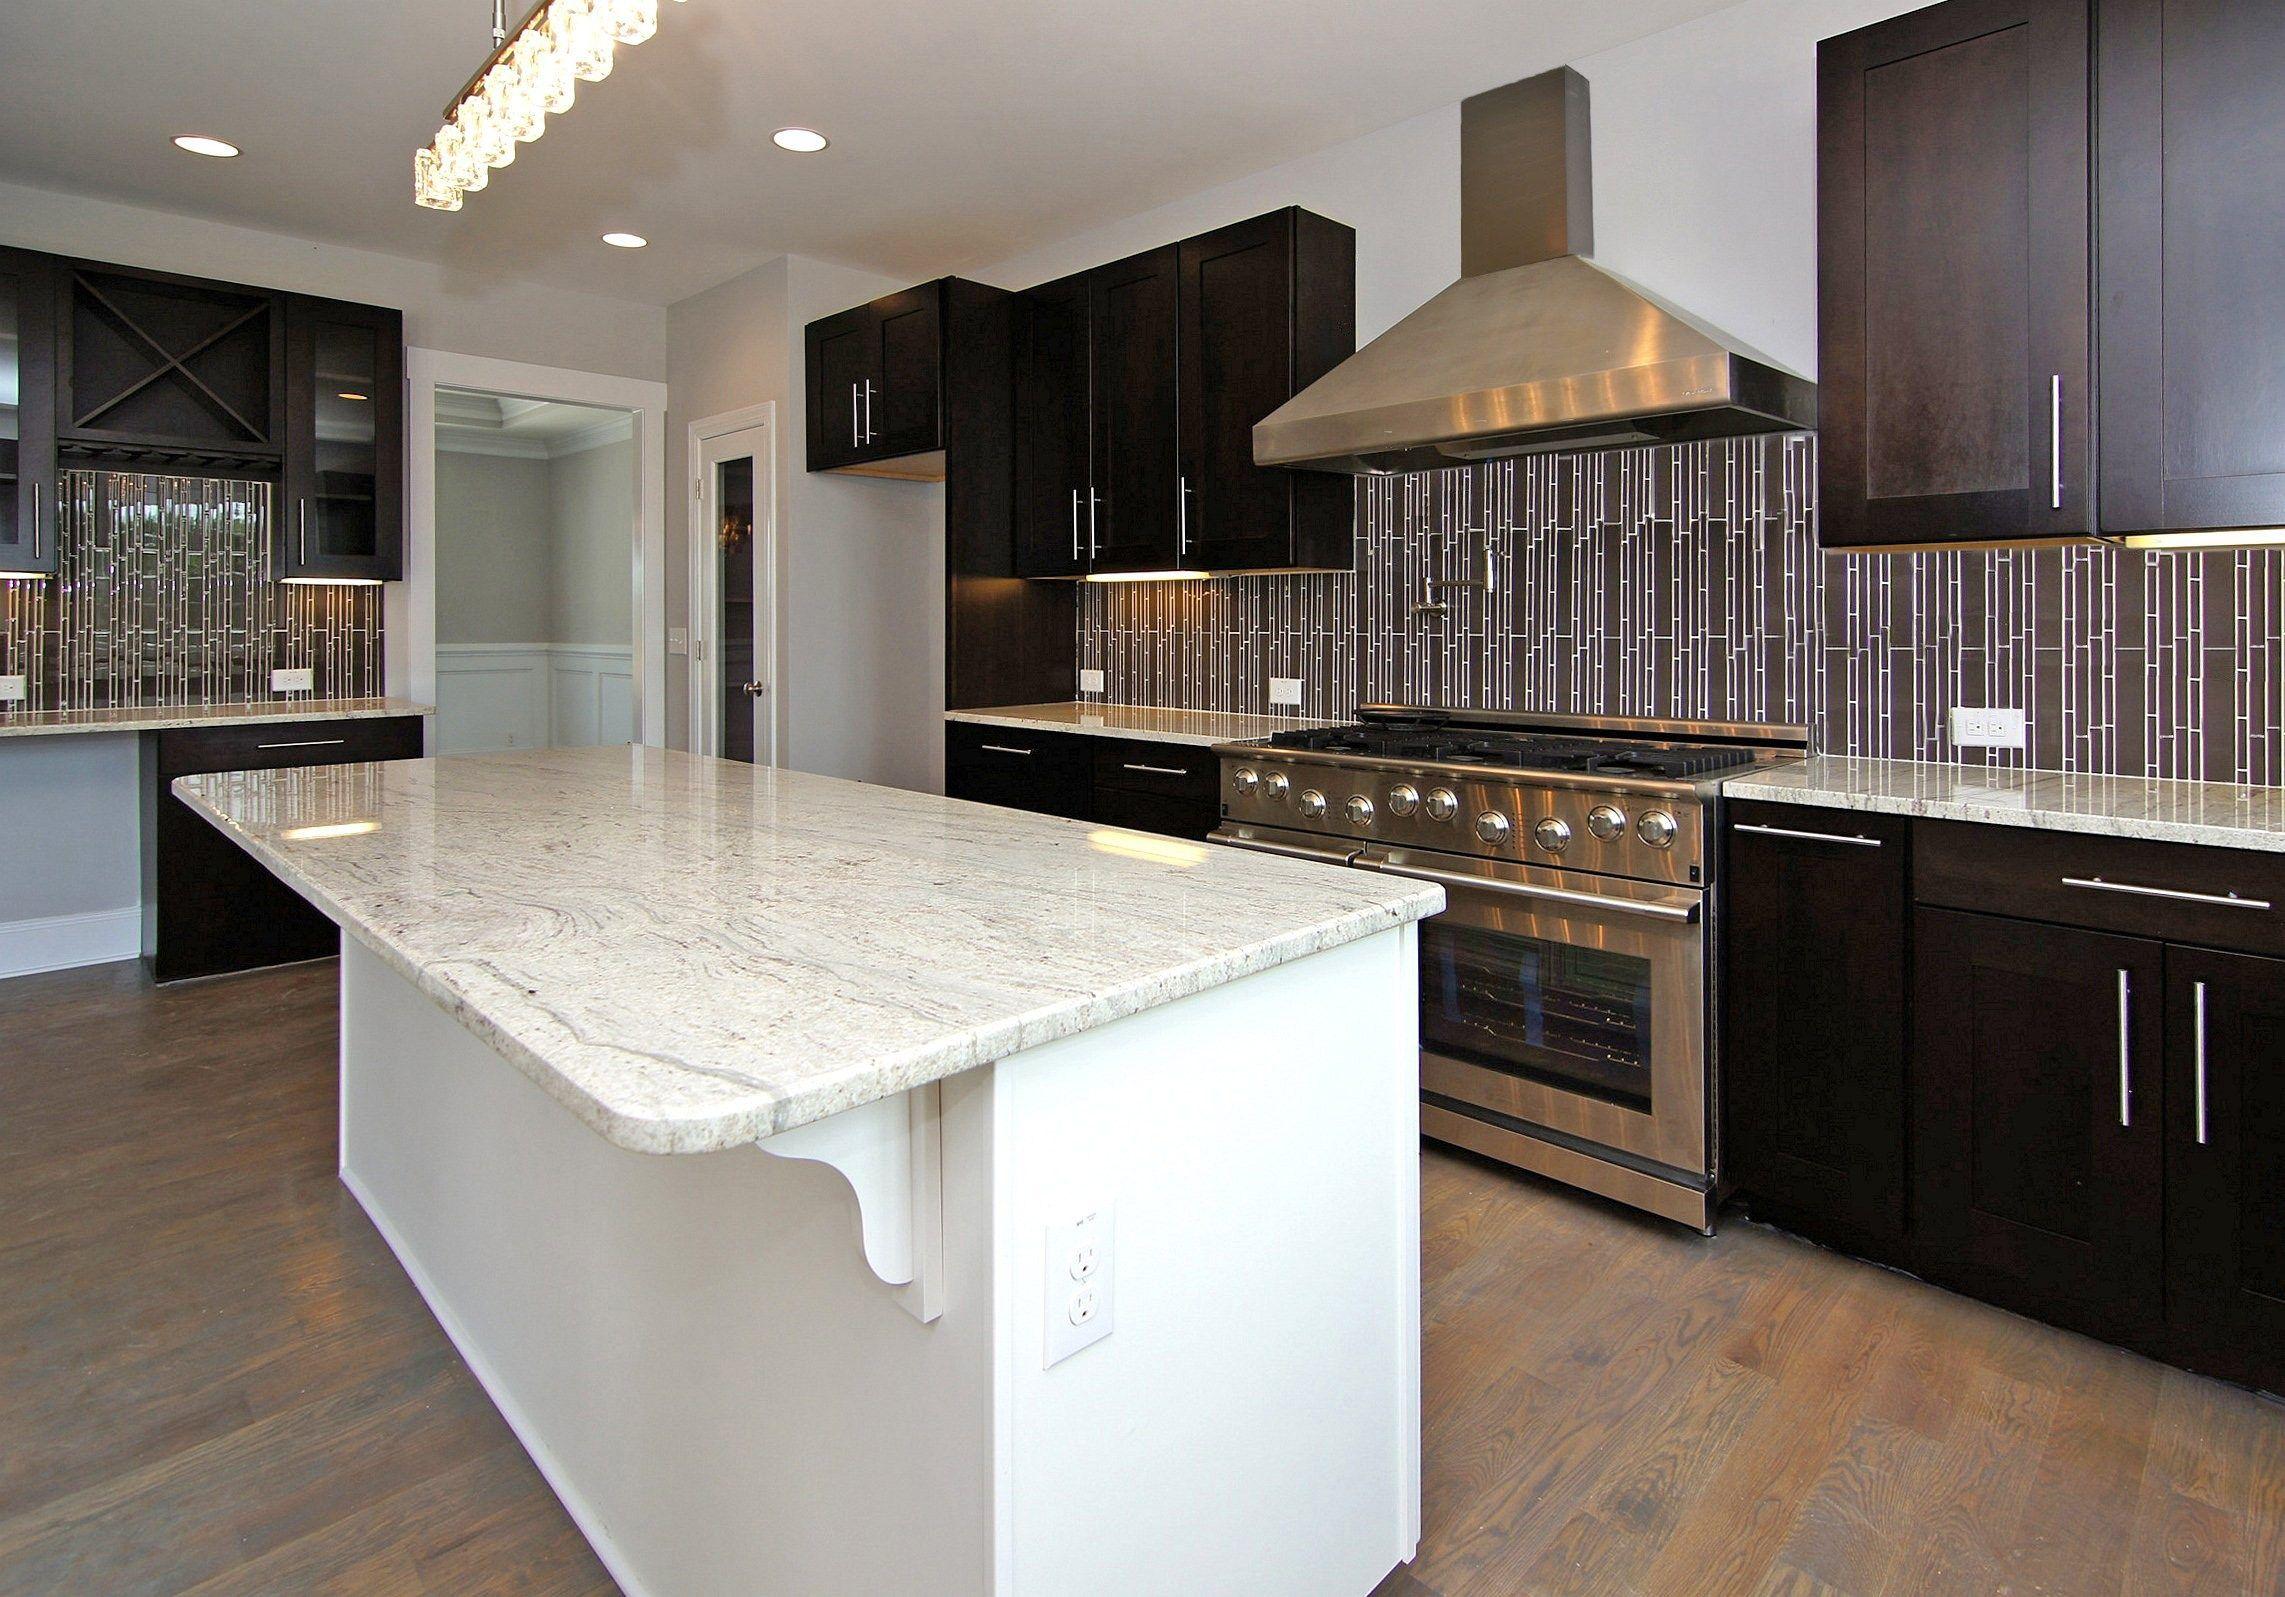 Kitchen Island Marble Top Kitchen Cabinets Dark Kitchen Small Kitchen